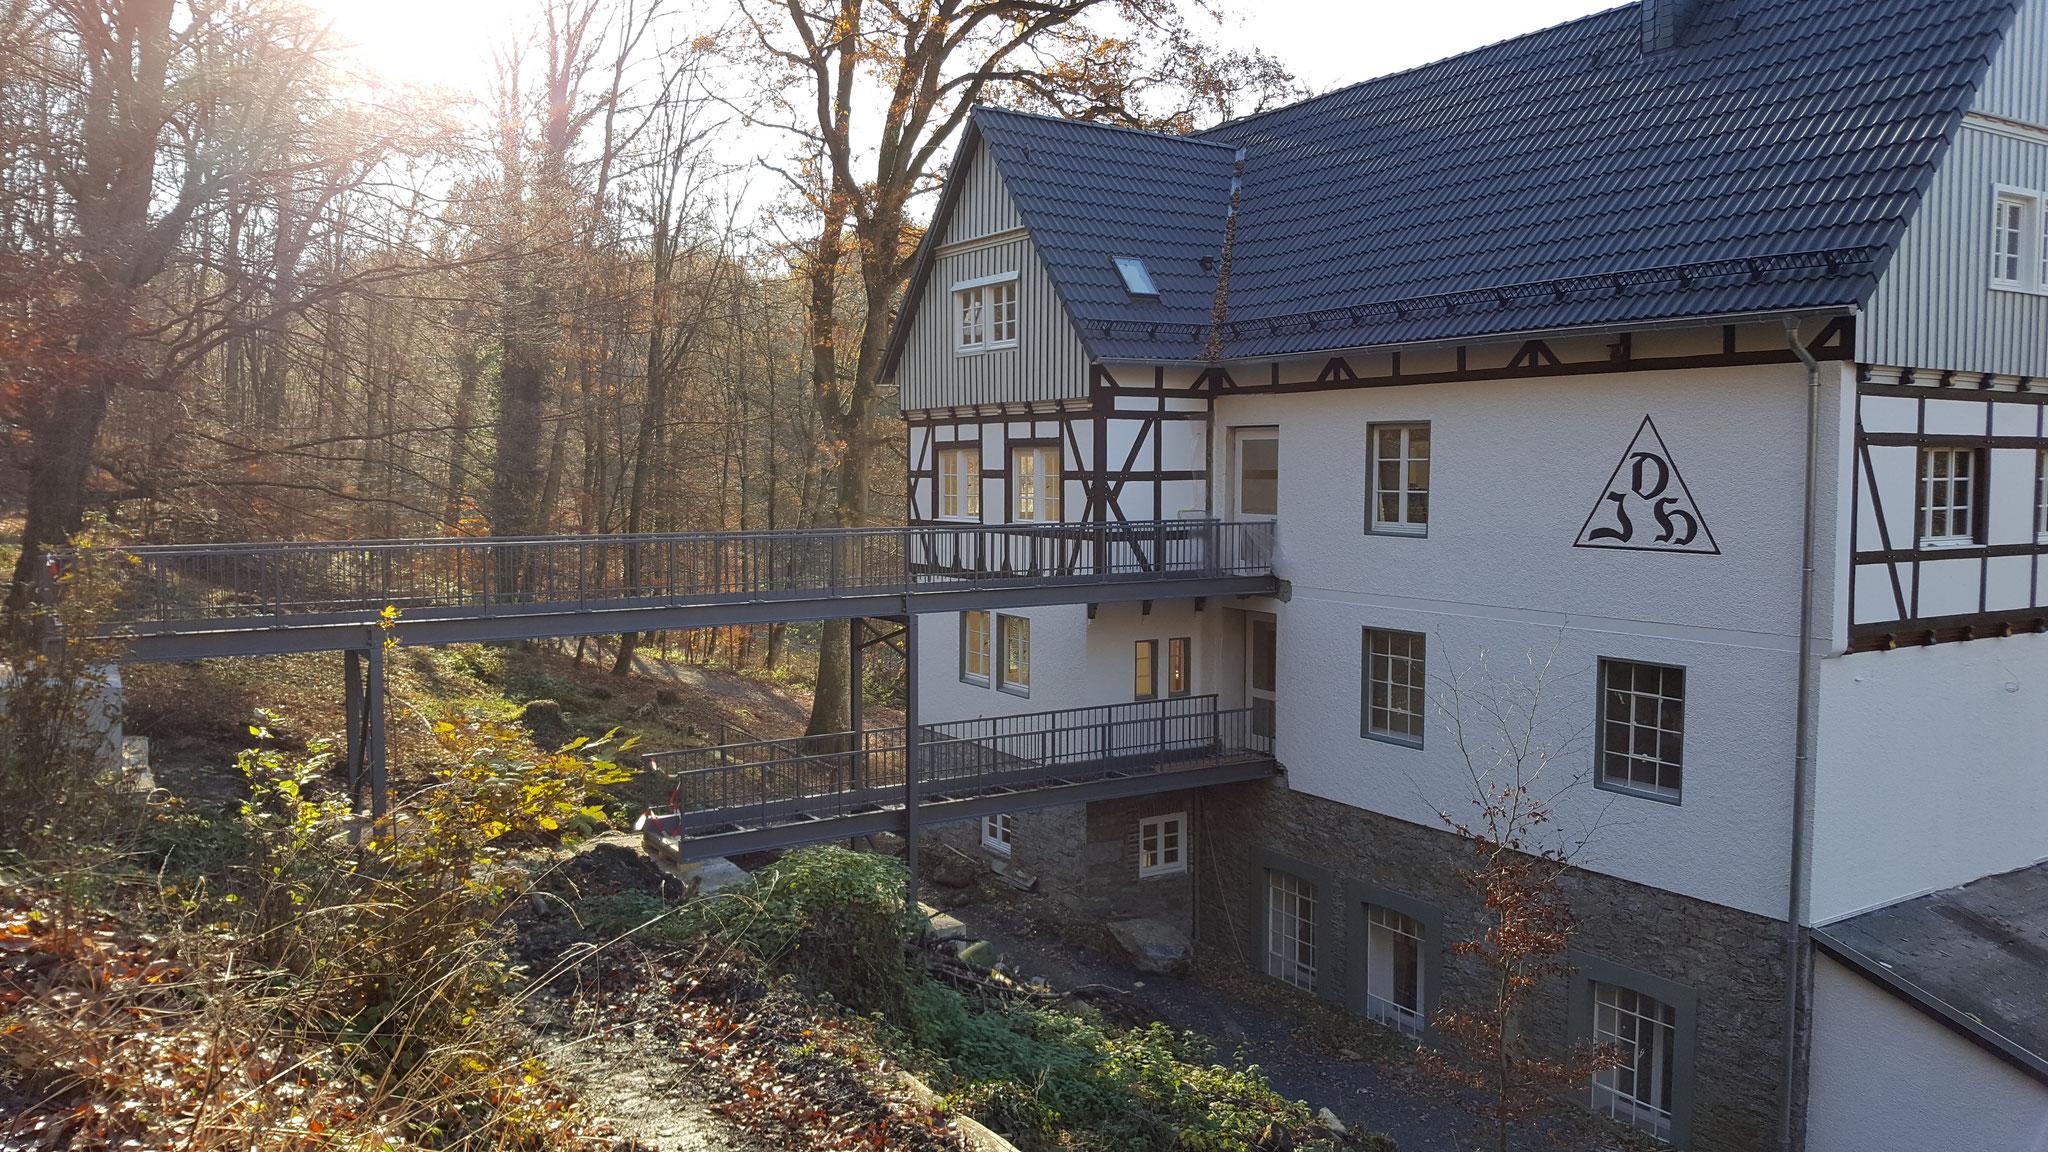 Die barrierefreien Brücken vom Höhlenausgang zum Besucherzentrum sind bereits installiert